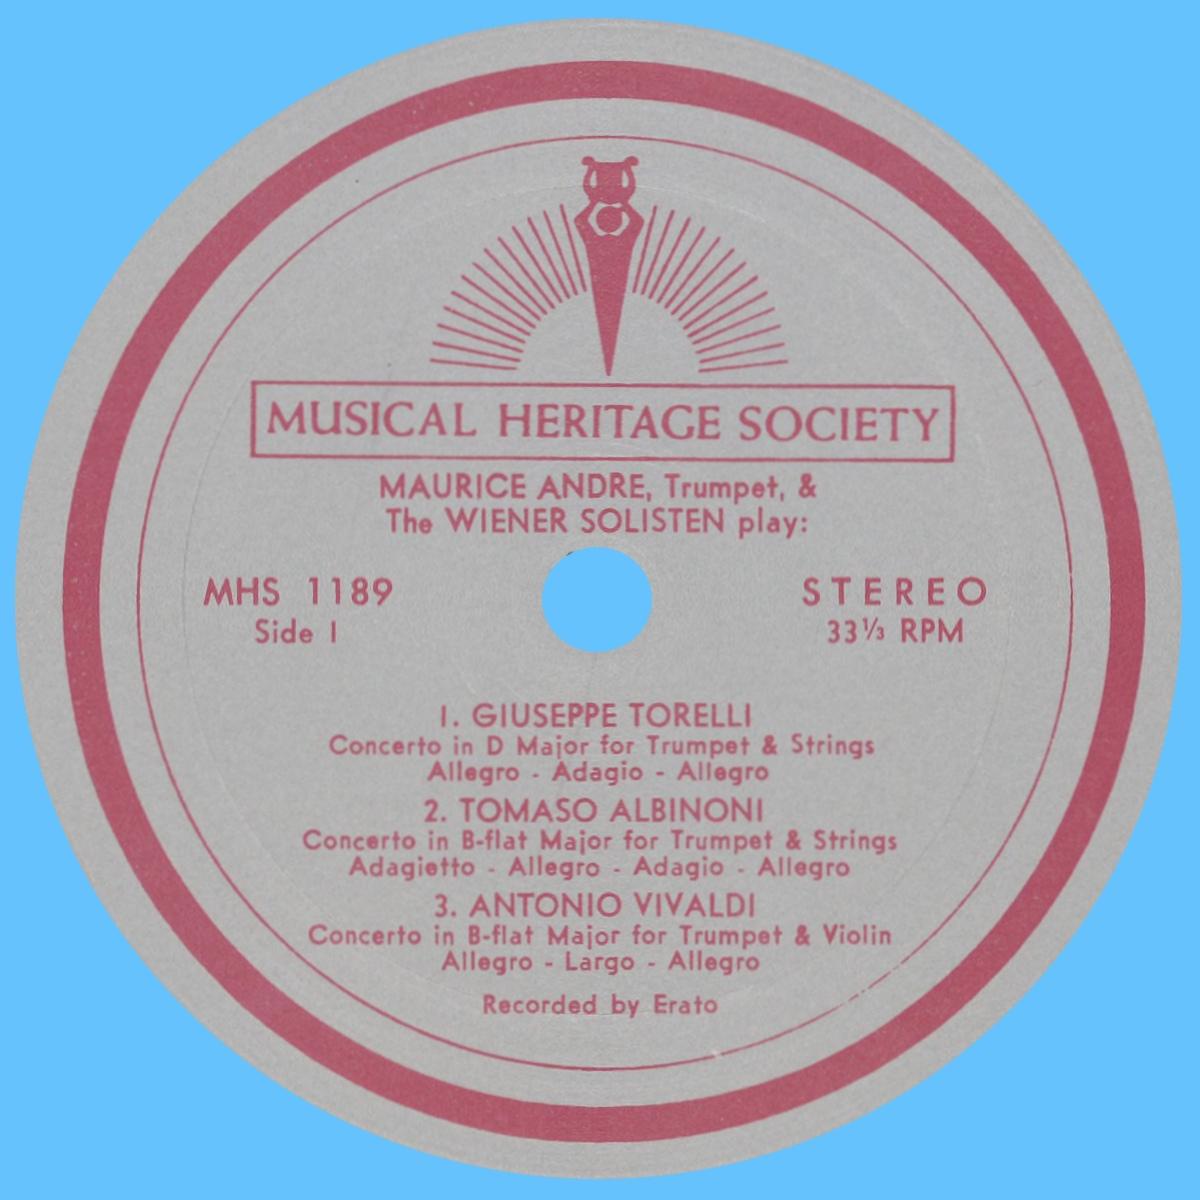 Étiquette recto du disque Musical Heritage Socienty Inc. MHS 1189